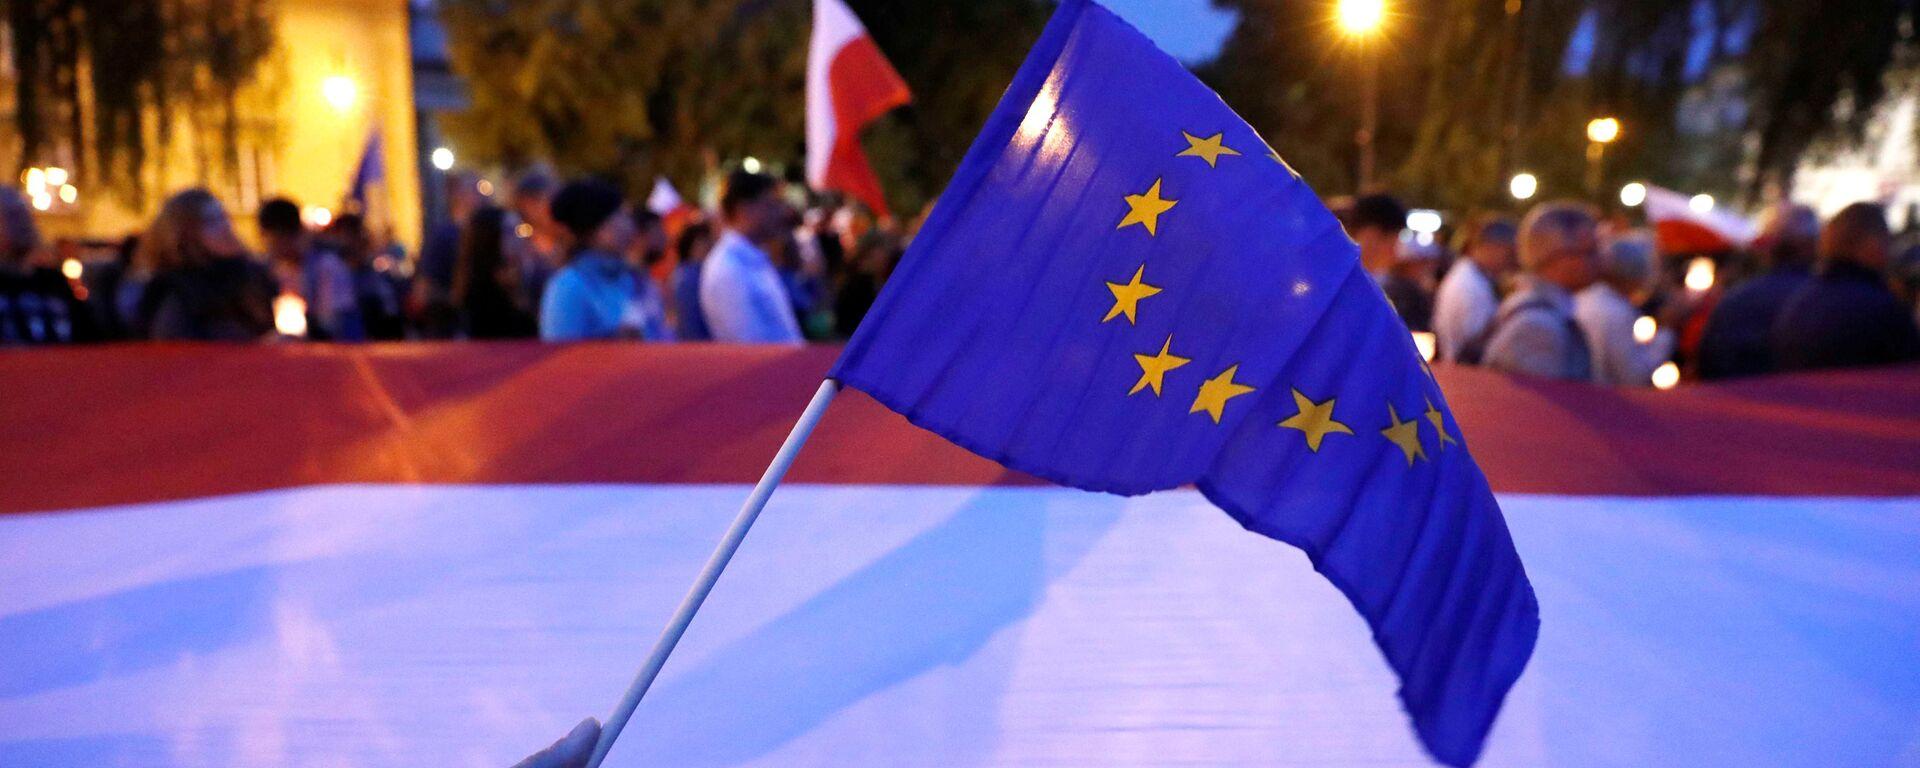 Las banderas de la UE y Polonia - Sputnik Mundo, 1920, 08.10.2021